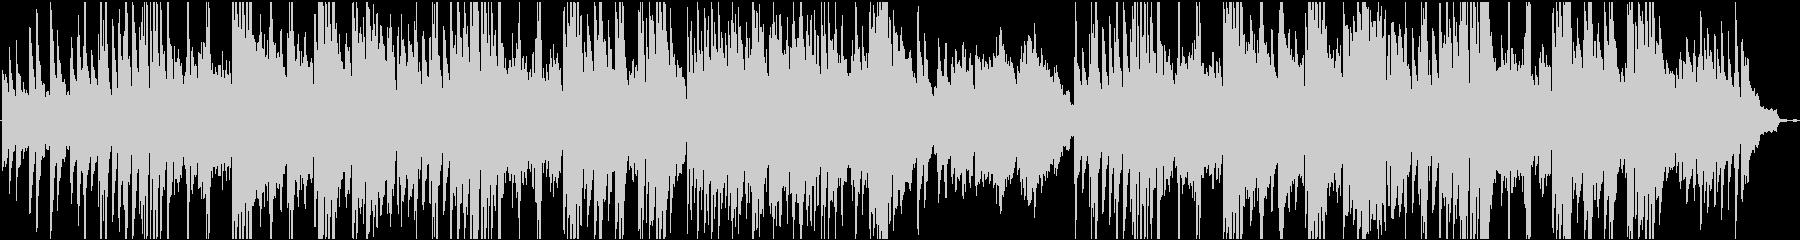 優しいピアノ・フルートの癒し系楽曲の未再生の波形